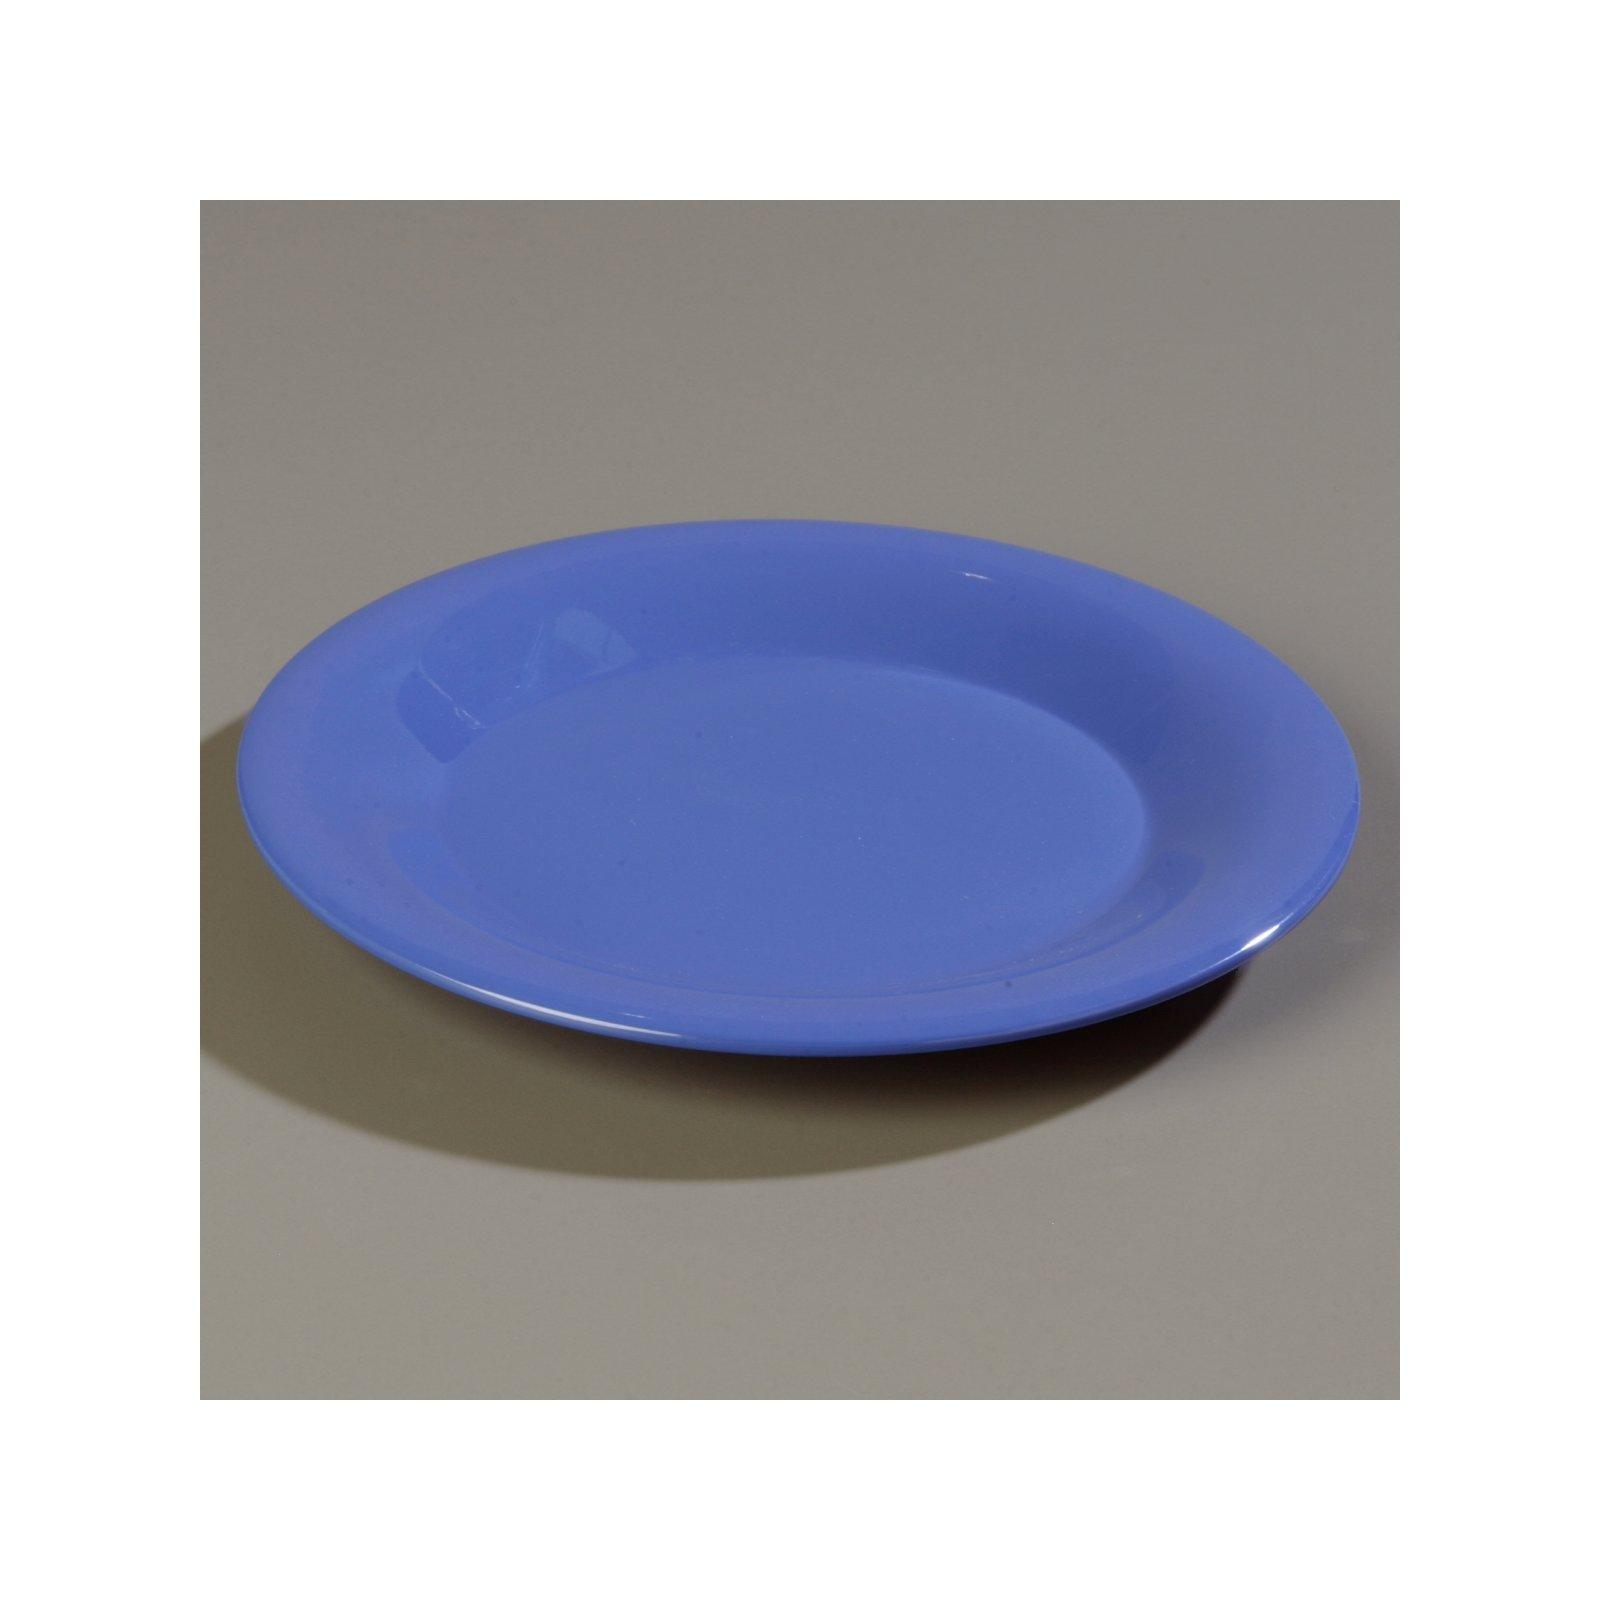 ... 3301214 - Sierrus™ Melamine Wide Rim Dinner Plate 9\  - Ocean Blue  sc 1 st  Carlisle FoodService Products & 3301214 - Sierrus™ Melamine Wide Rim Dinner Plate 9\